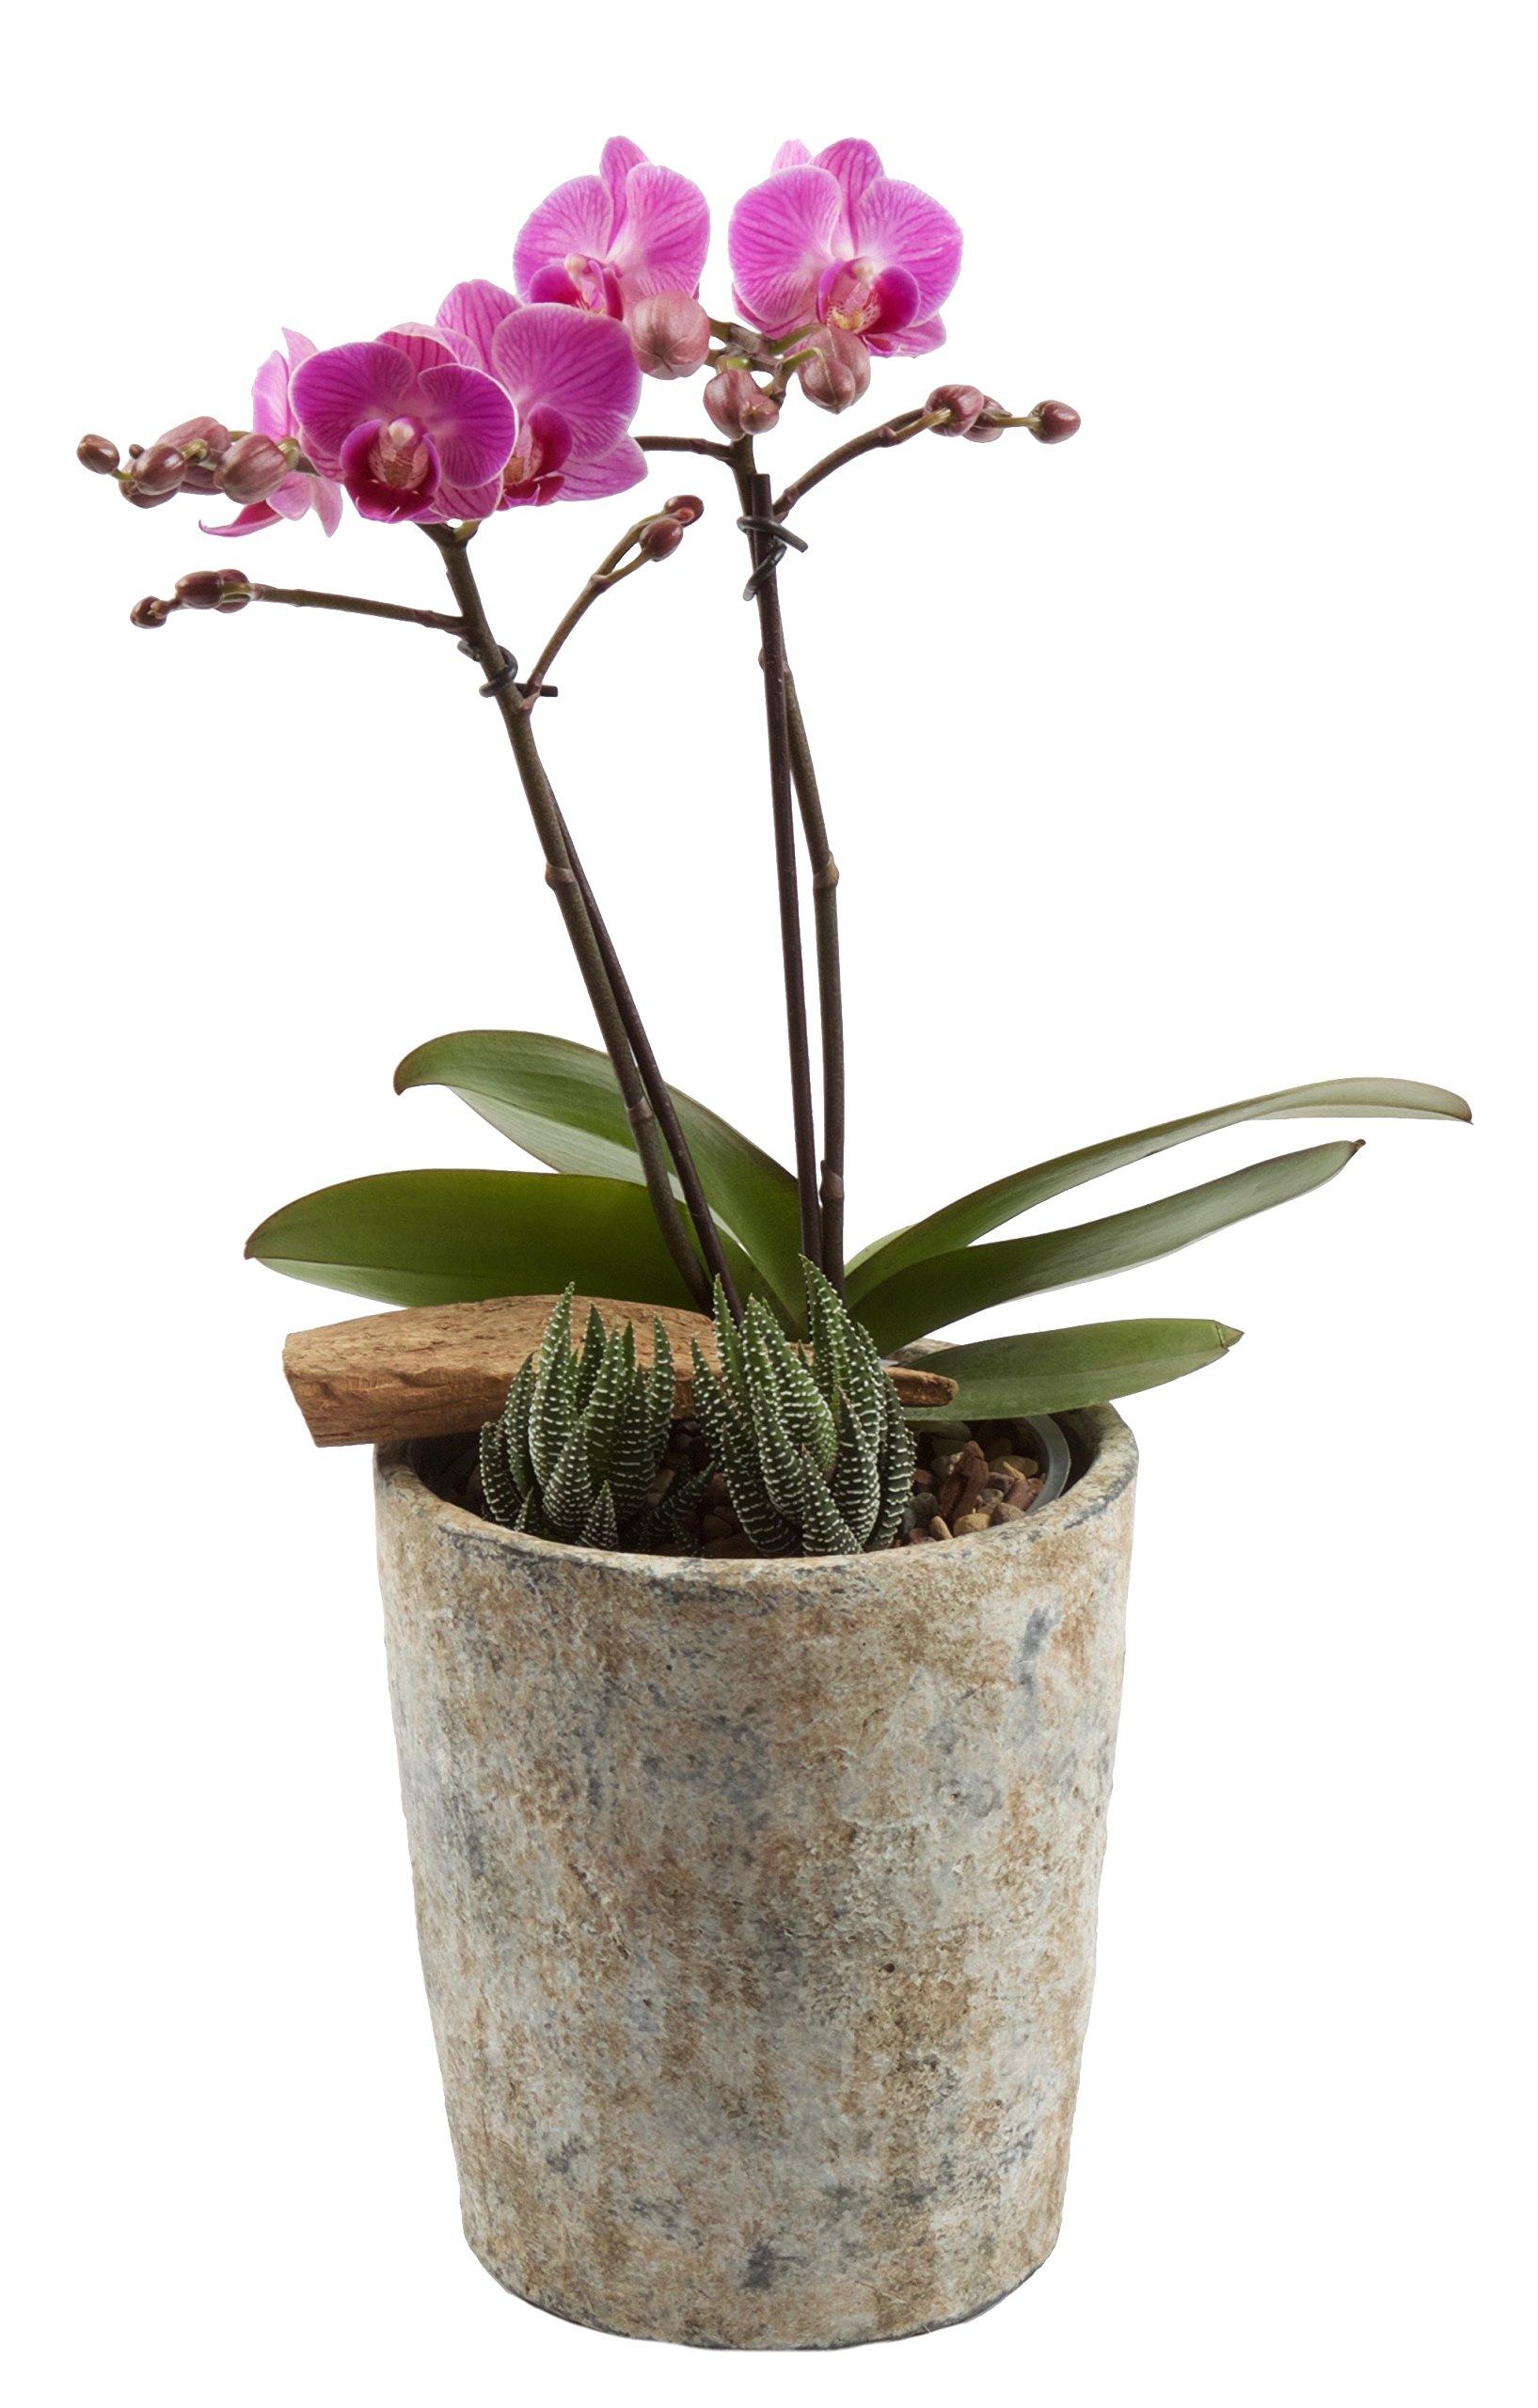 Color Orchids AMZ9101SE Live Double Stem, 15'' x 20'', Pink Blooms Orchid Garden Plant in Ceramic Pot,